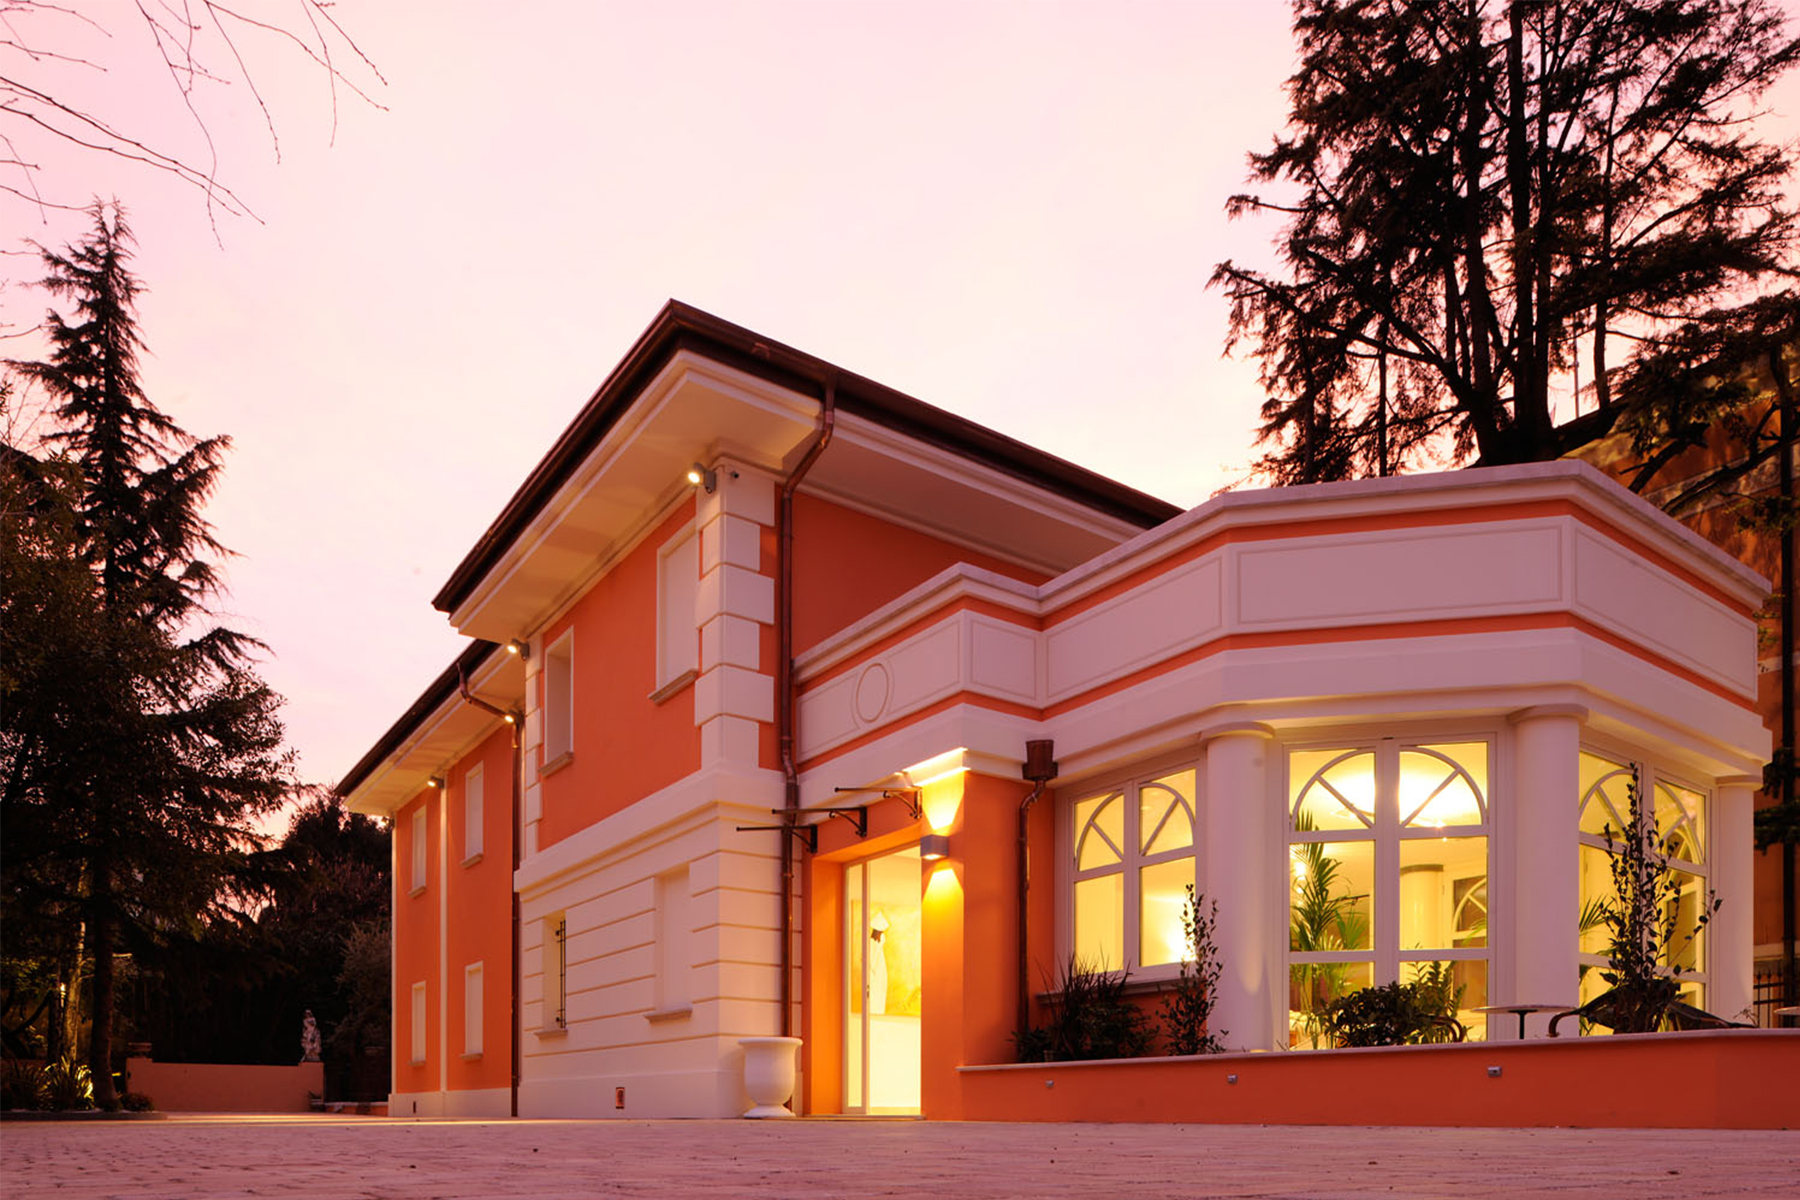 Albergo in Vendita a Desenzano Del Garda via curiel